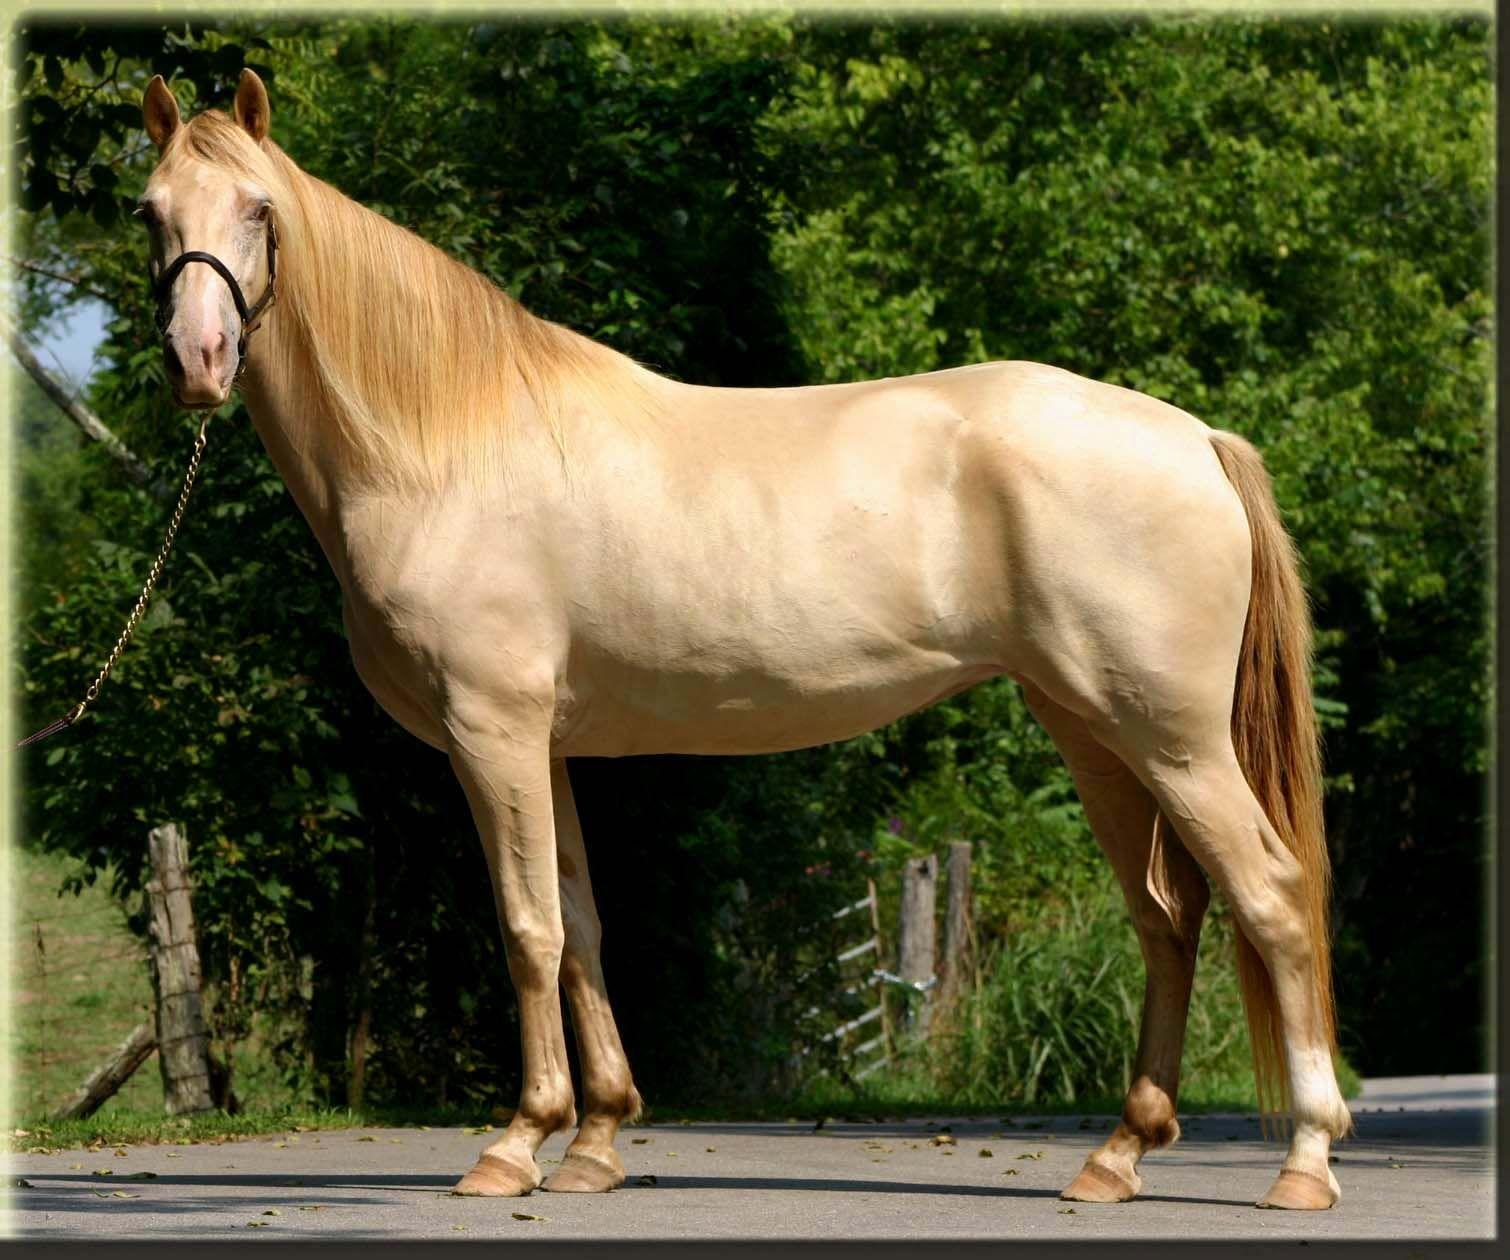 Kentucky Mountain Saddle Horse Rocky Mountain Horse Mare Horses Horse Equestrian Horse World [ 1260 x 1510 Pixel ]